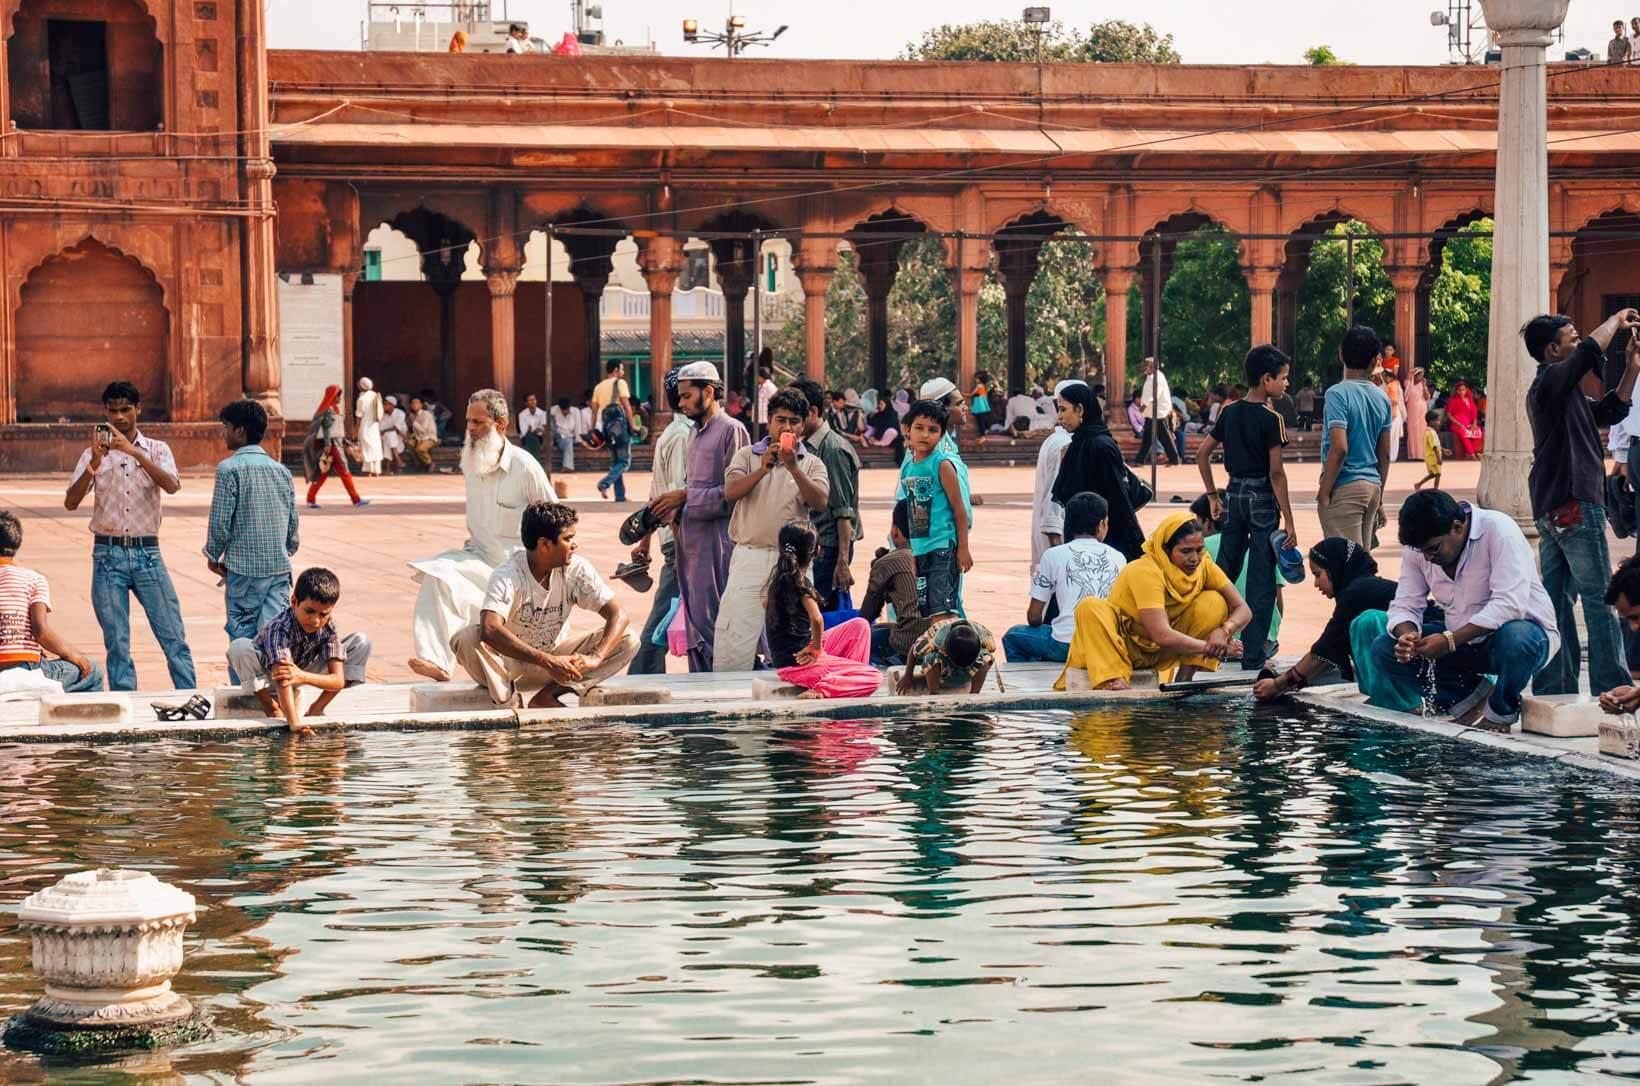 New Delhi Jama Masjid fedeli